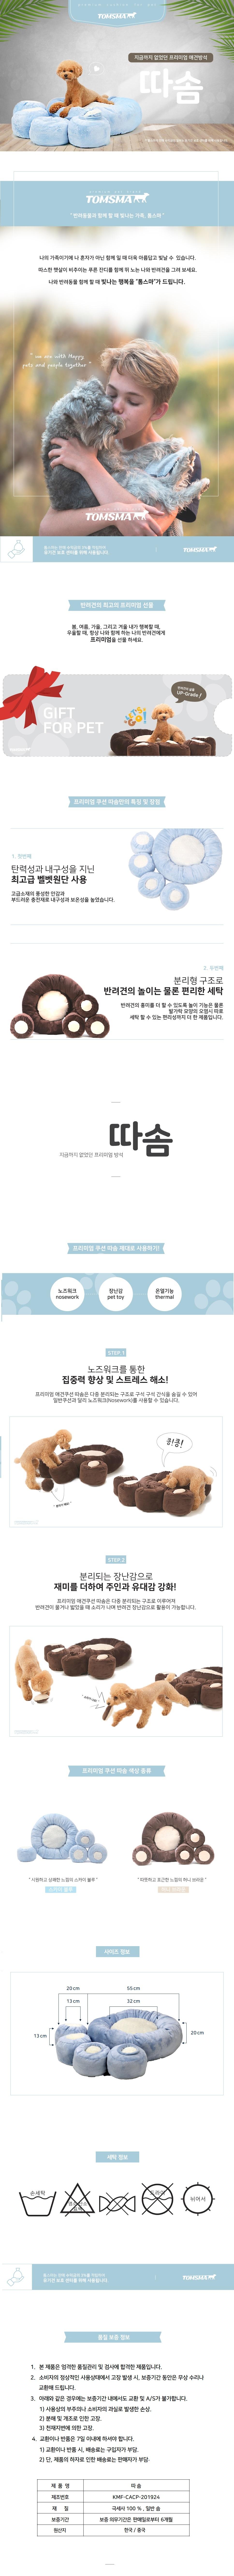 따솜 원형 방석 - 톰스마, 55,000원, 하우스/식기/실내용품, 방석/매트